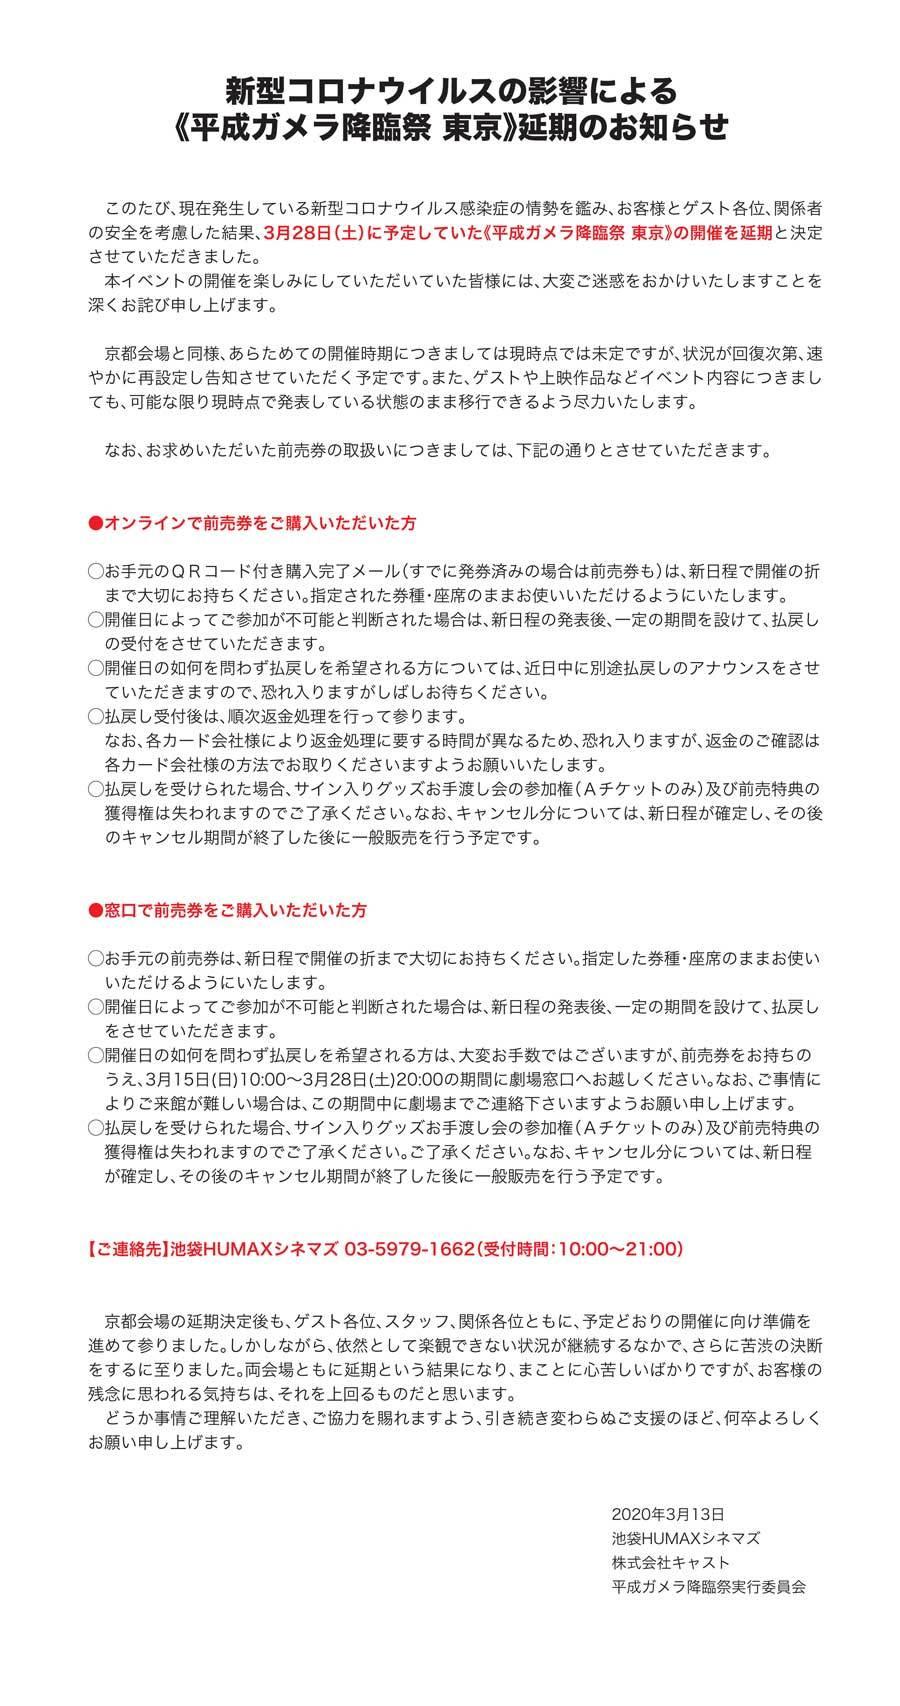 平成ガメラ降臨祭 東京・京都 開催延期につきまして_a0180302_07260199.jpg